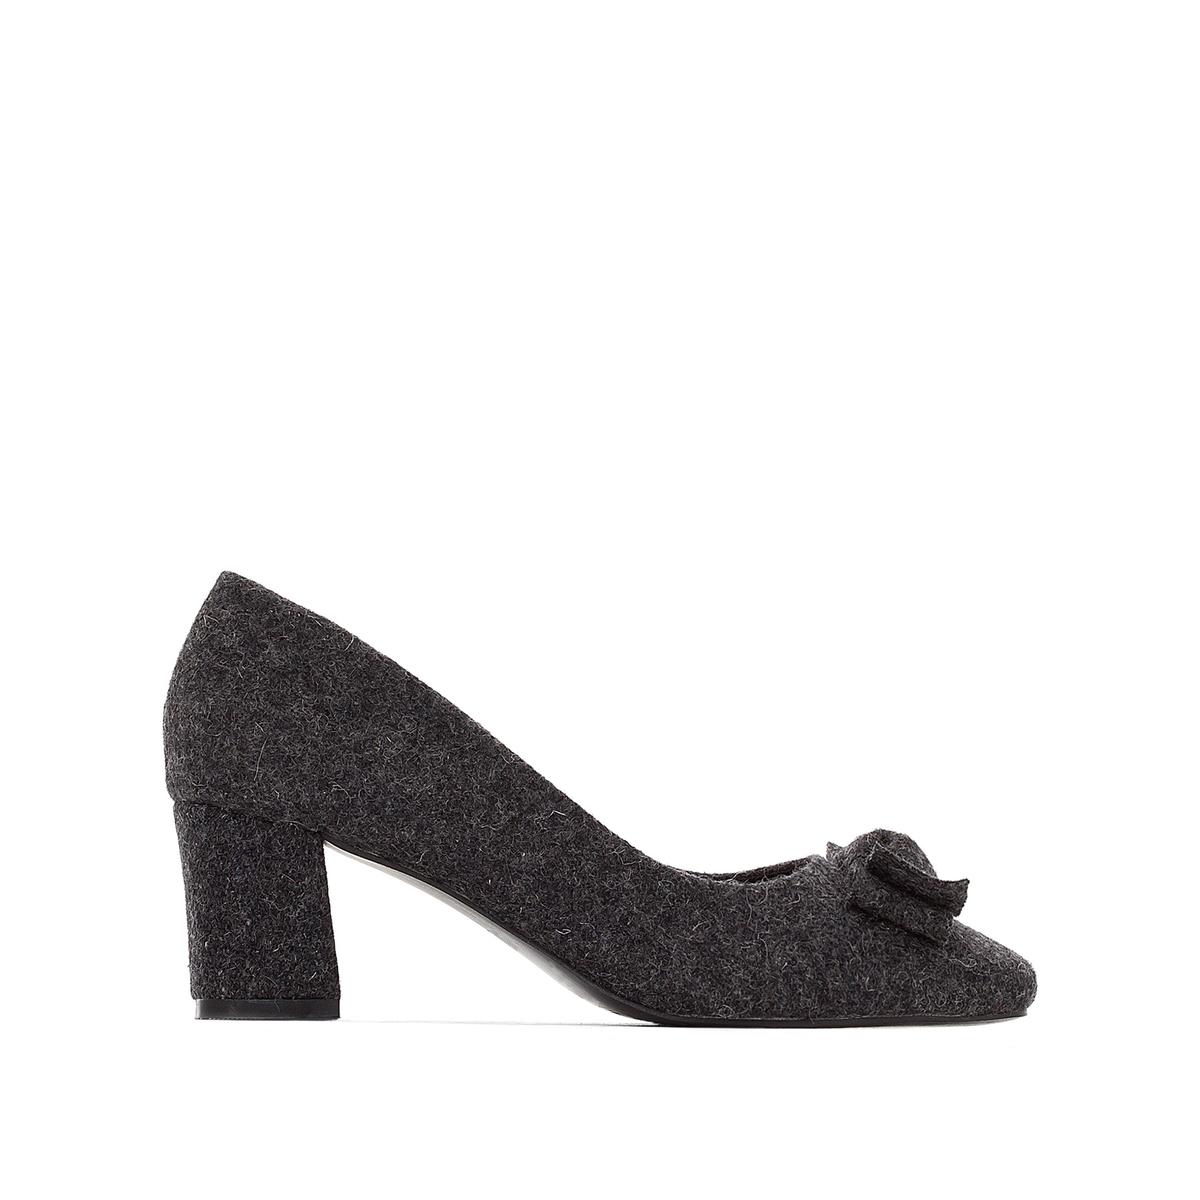 Туфли на каблуке с бантикомВерх : текстиль     кожа. Подошва : синтетика     14,5 см. : кожа с памятью формы     Подошва : эластомер     Высота каблука : 5,5 см<br><br>Цвет: серый